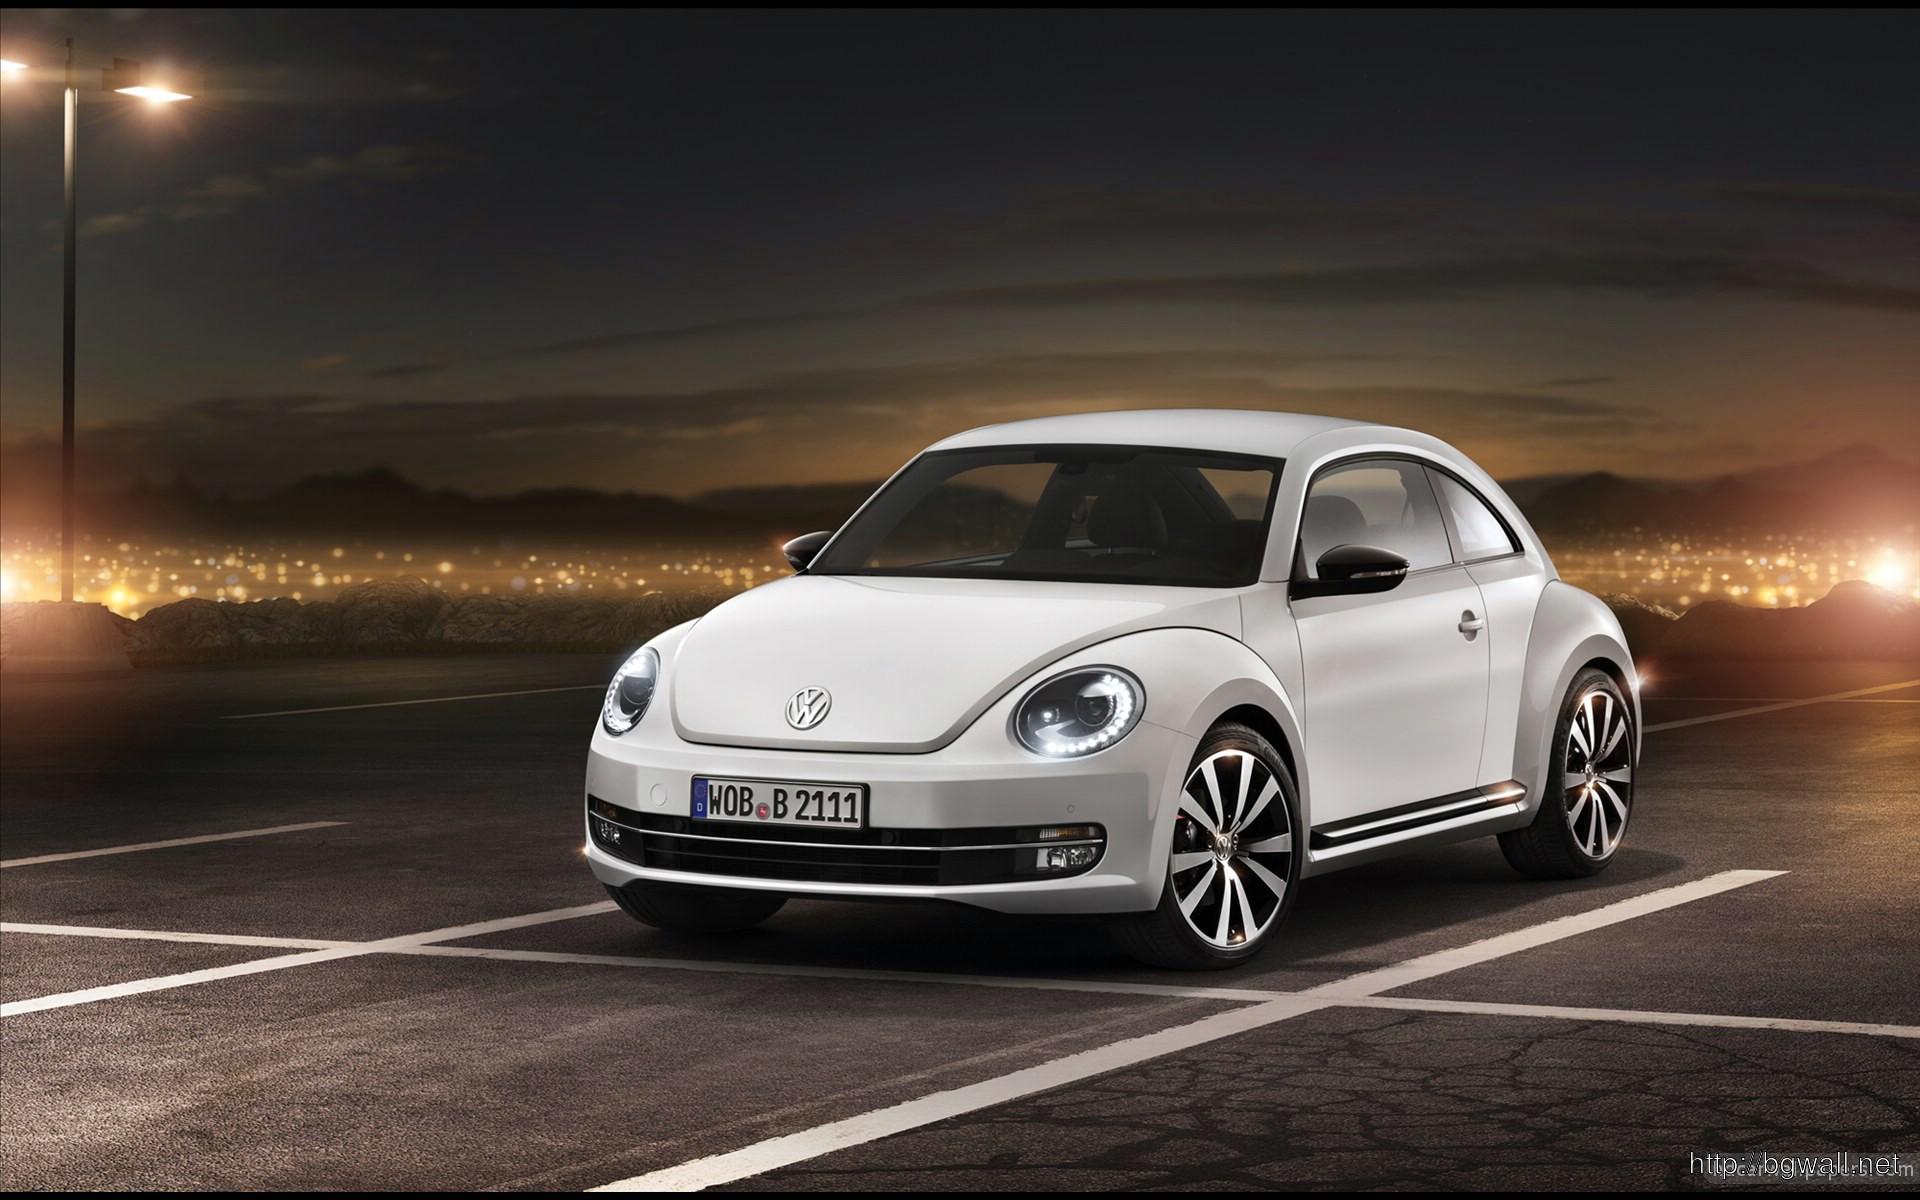 View Of 2012 Volkswagen Beetle Full Size